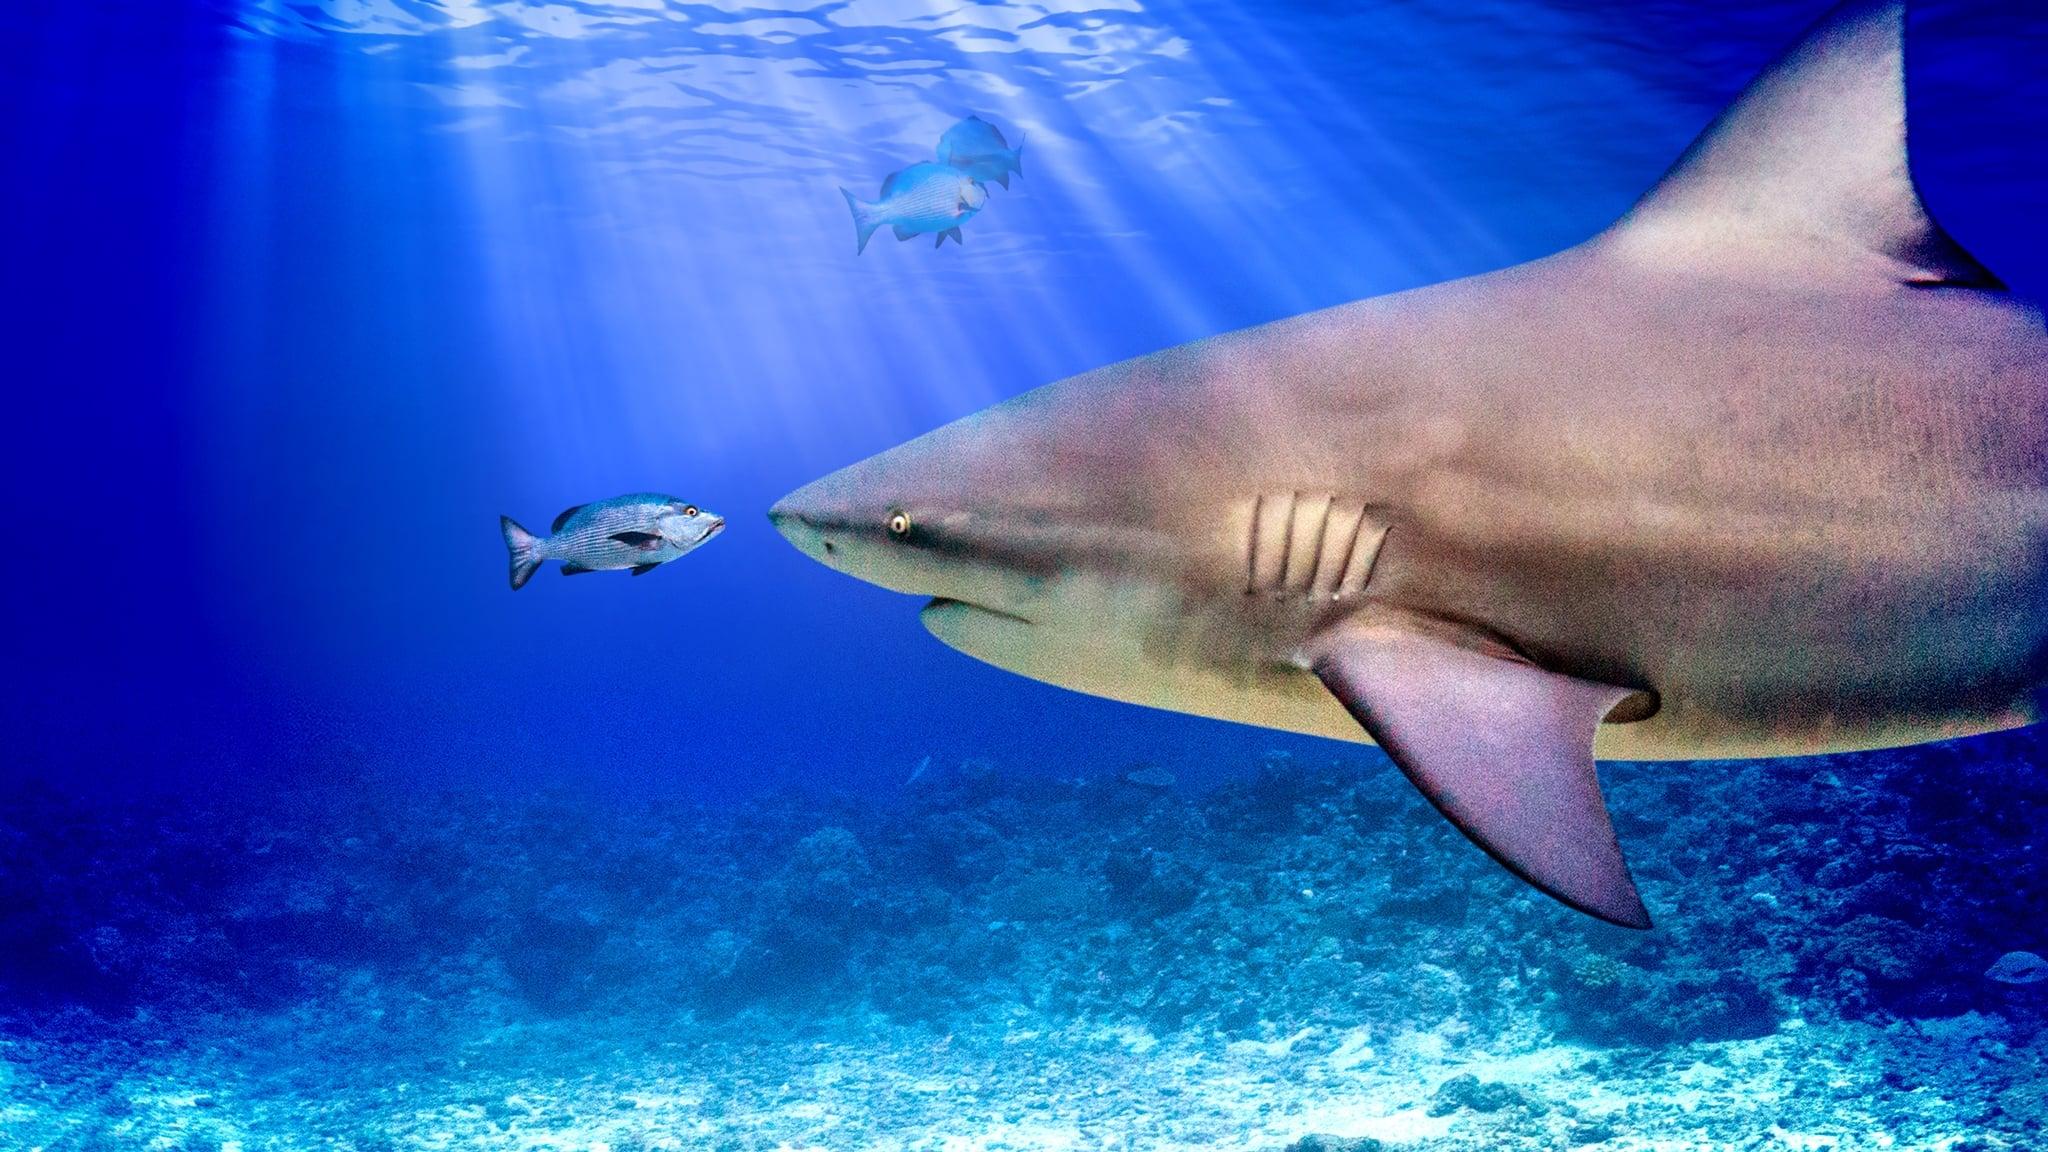 World's Biggest Bull Shark?